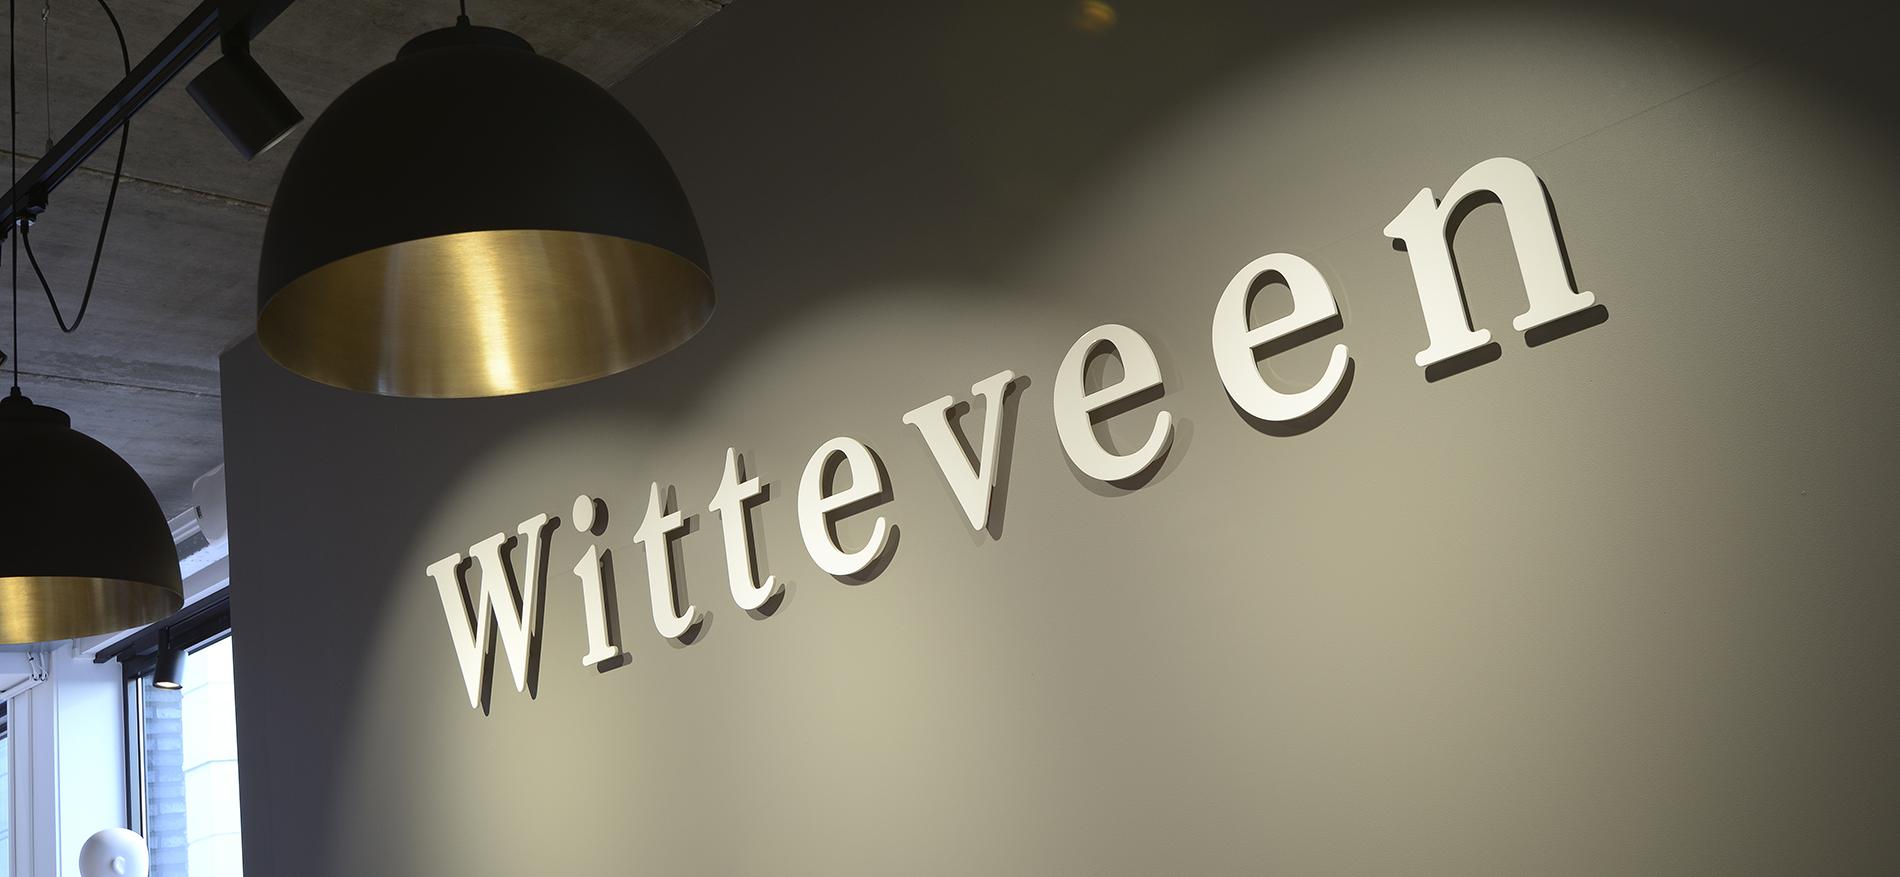 Ontwerp en inrichting door WSB interieurbouw bij Witteveen Mode - Drachten